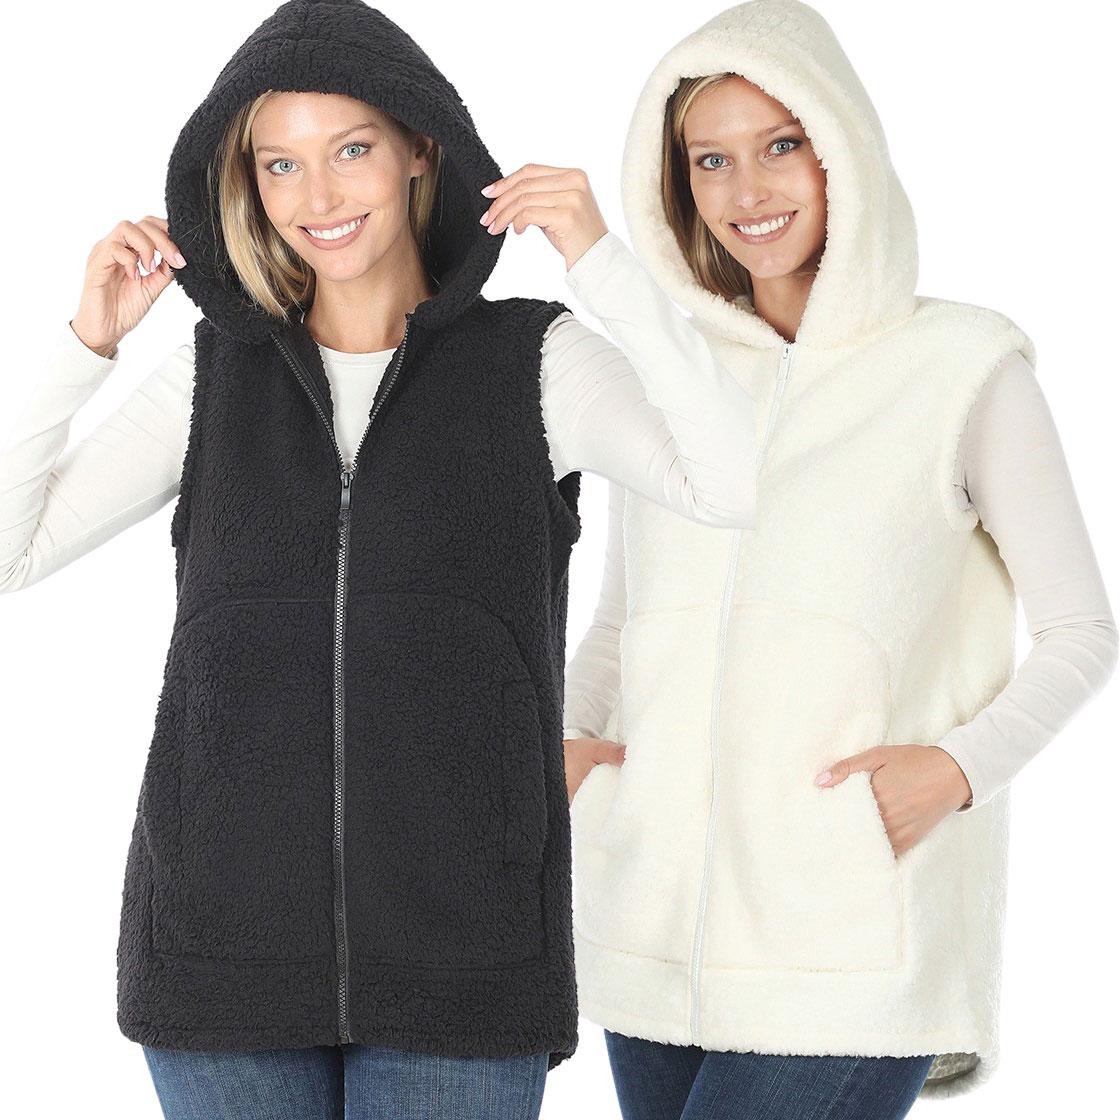 Vest - Sherpa Hi-Low Hooded Vest with Pockets 2865